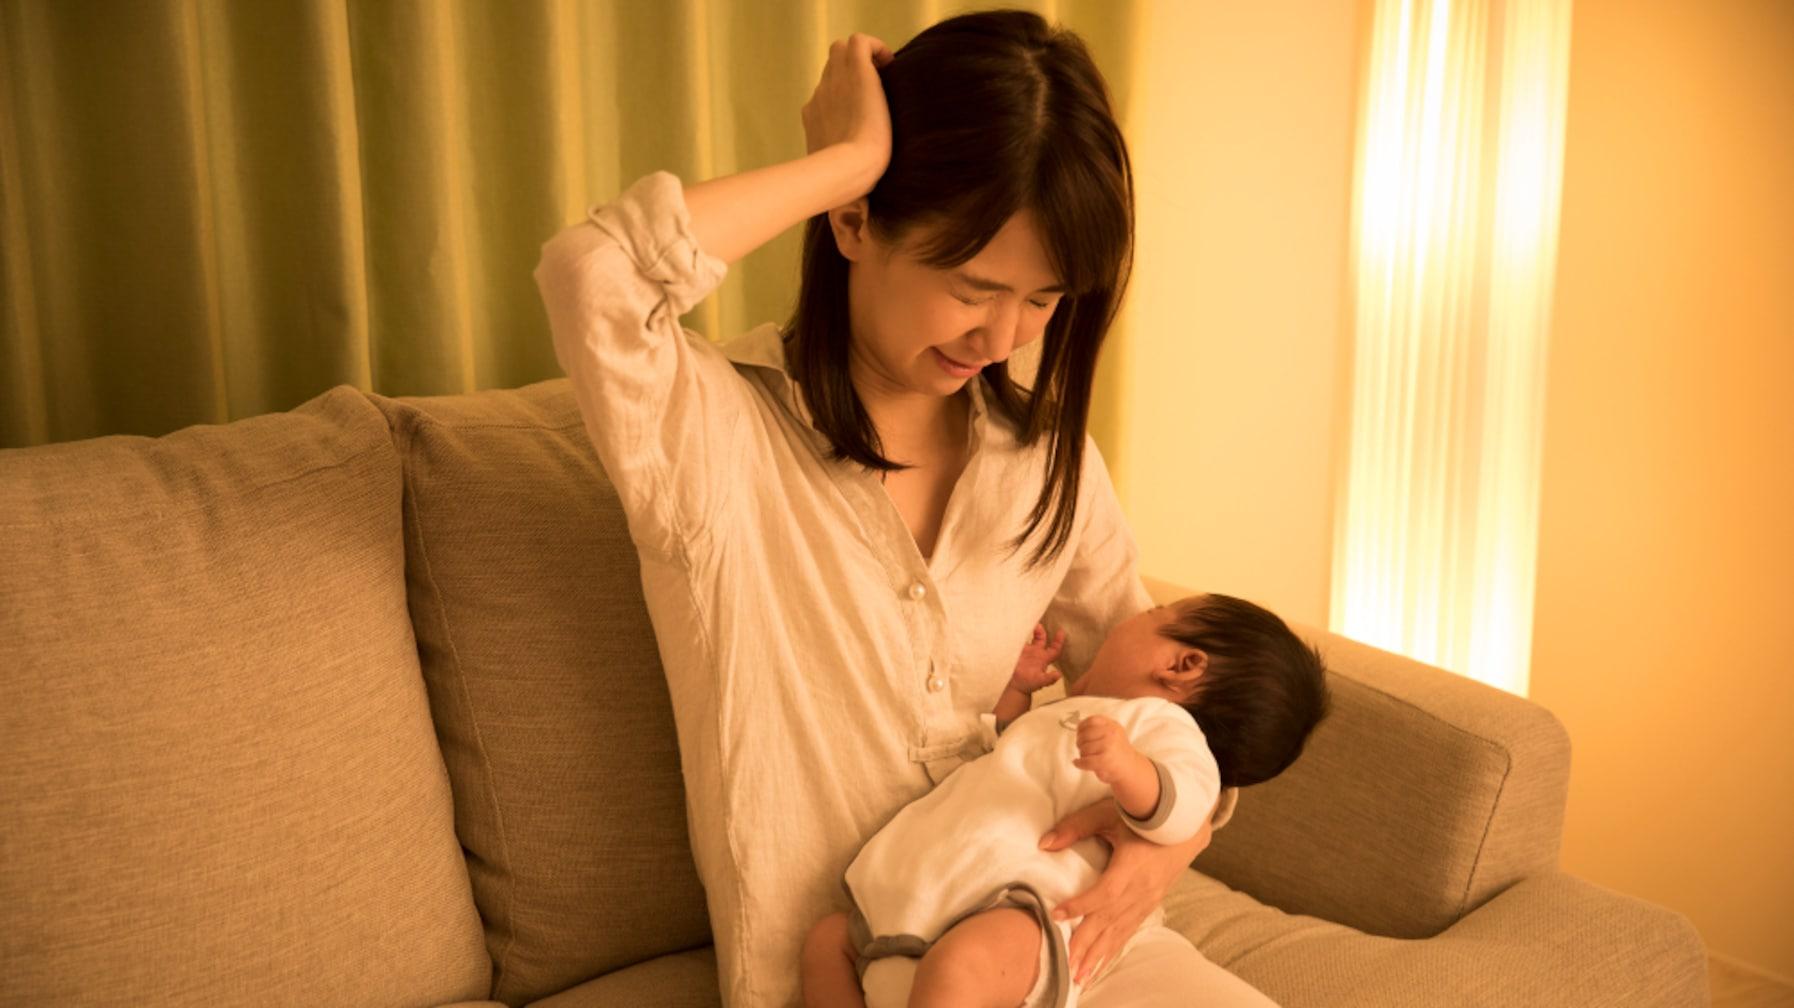 ○○な状態でのワンオペ育児は負担が大きい…育児において気を付けるべきポイントに納得の声